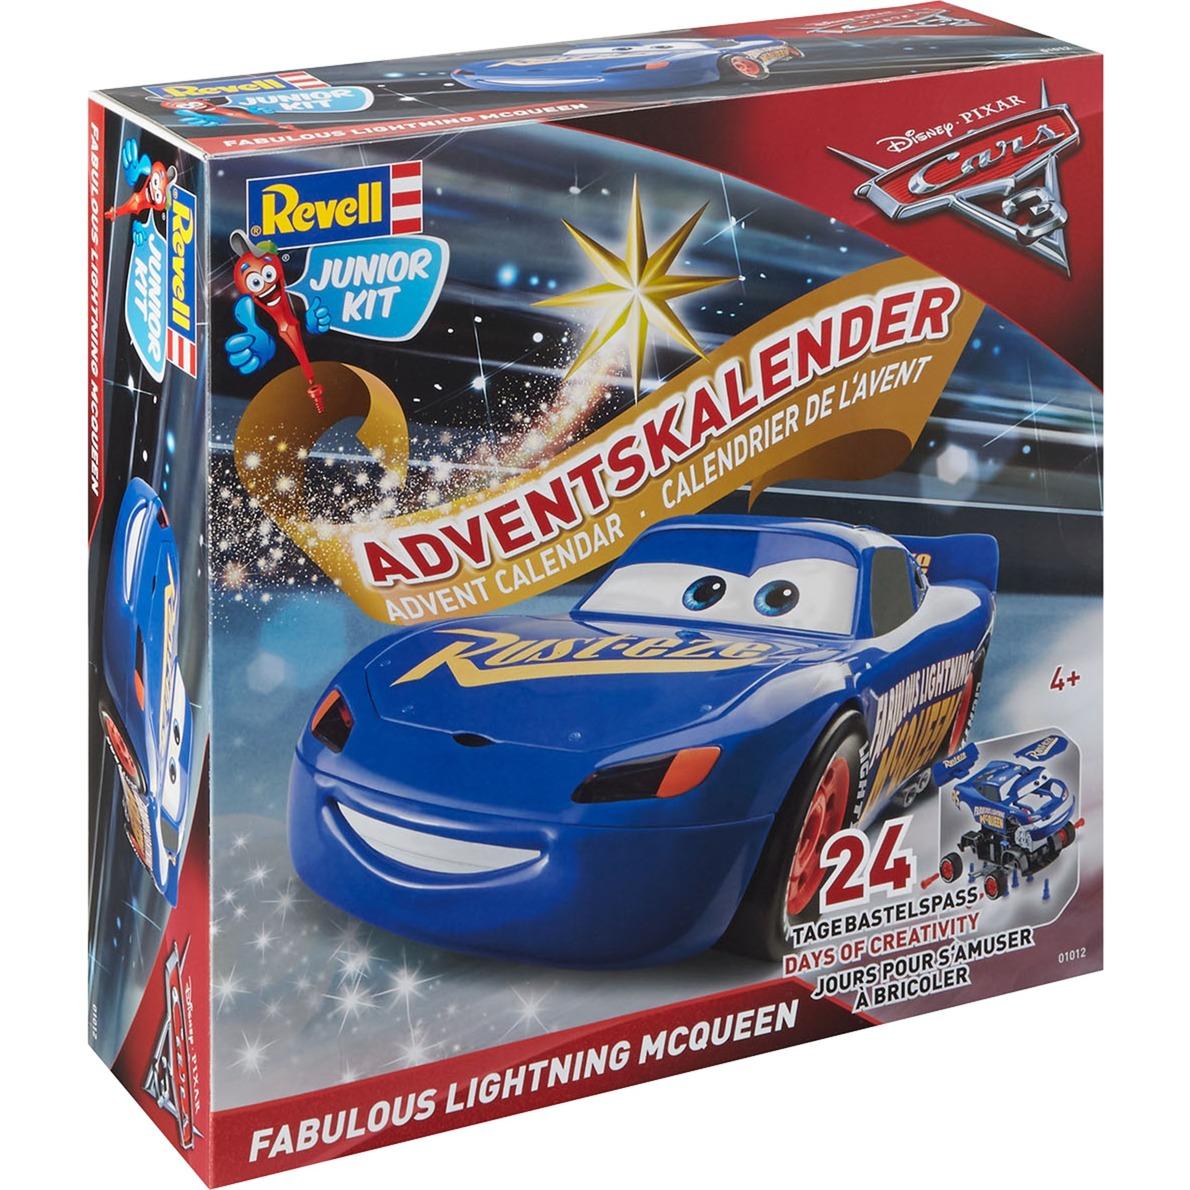 Advent Calendar Lightning McQueen Kit de montage Modèle de voiture classique 1:20, Modélisme